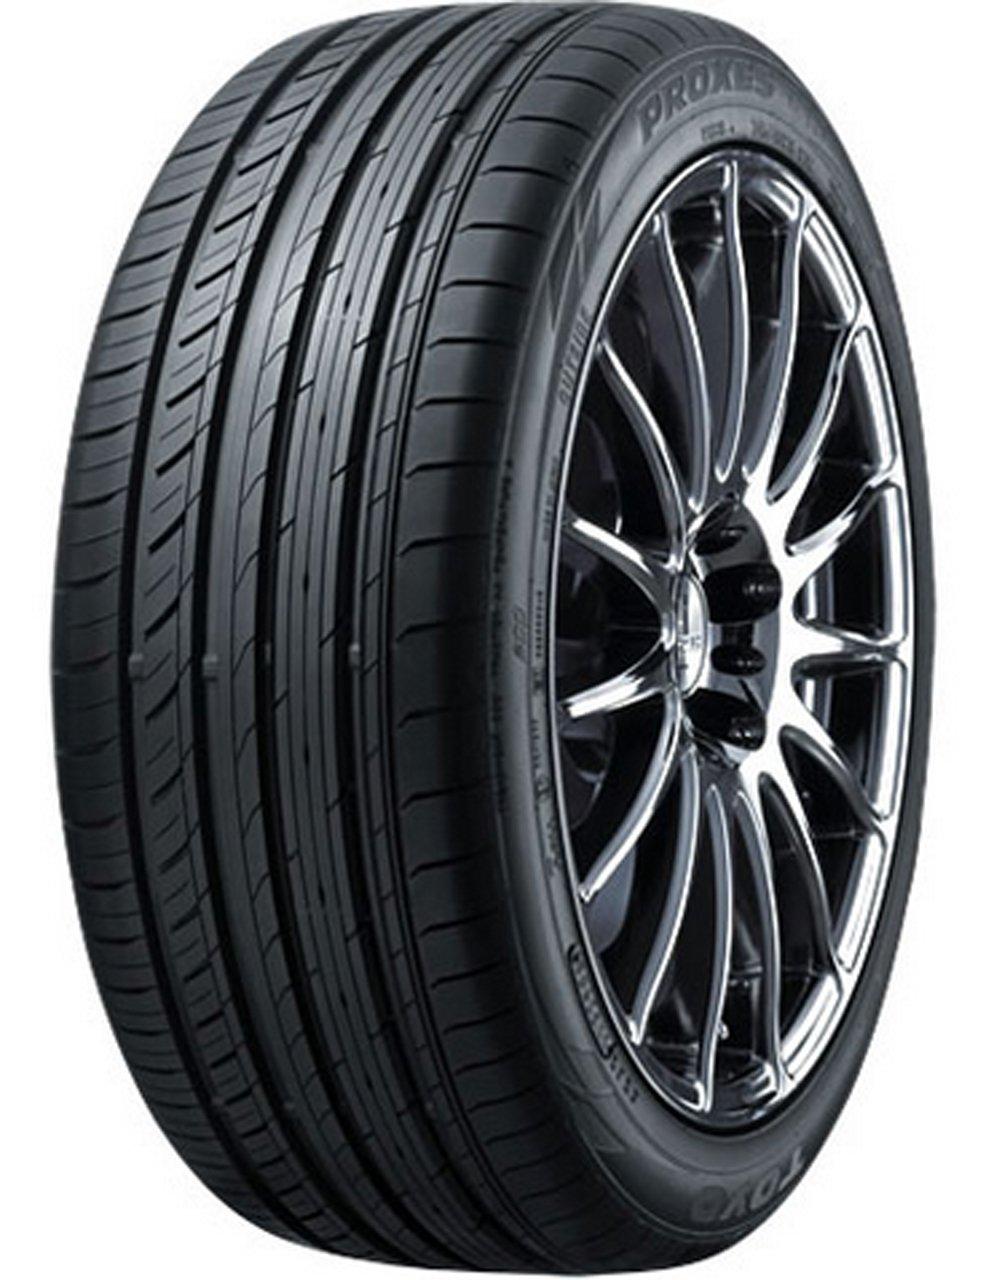 92W トーヨー C1S ||4本セット|| 205/60R16 プロクセス サマータイヤ B06ZXR6LFK ★ゴムバルブ付